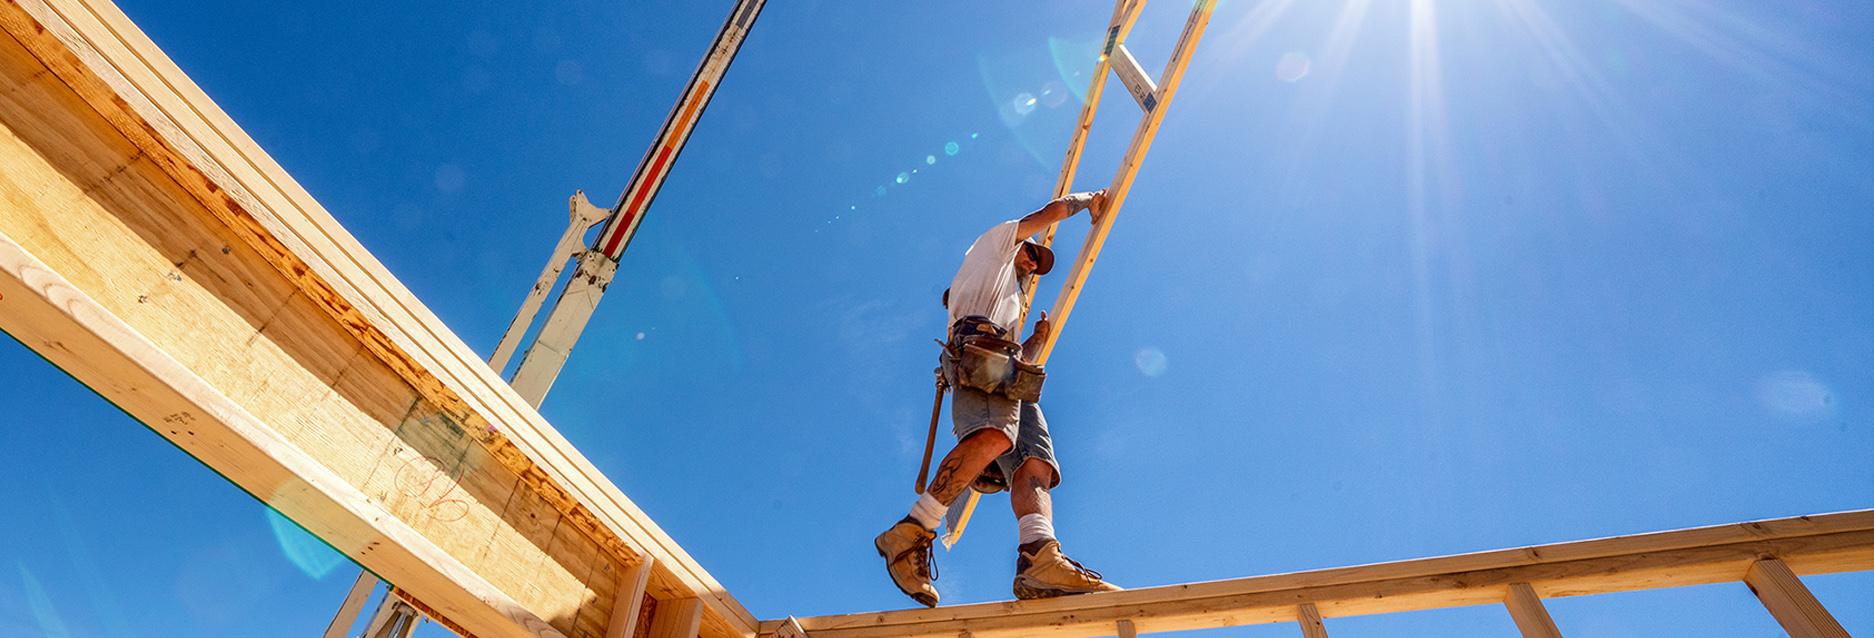 Dachdecker auf dem Dach arbeitend